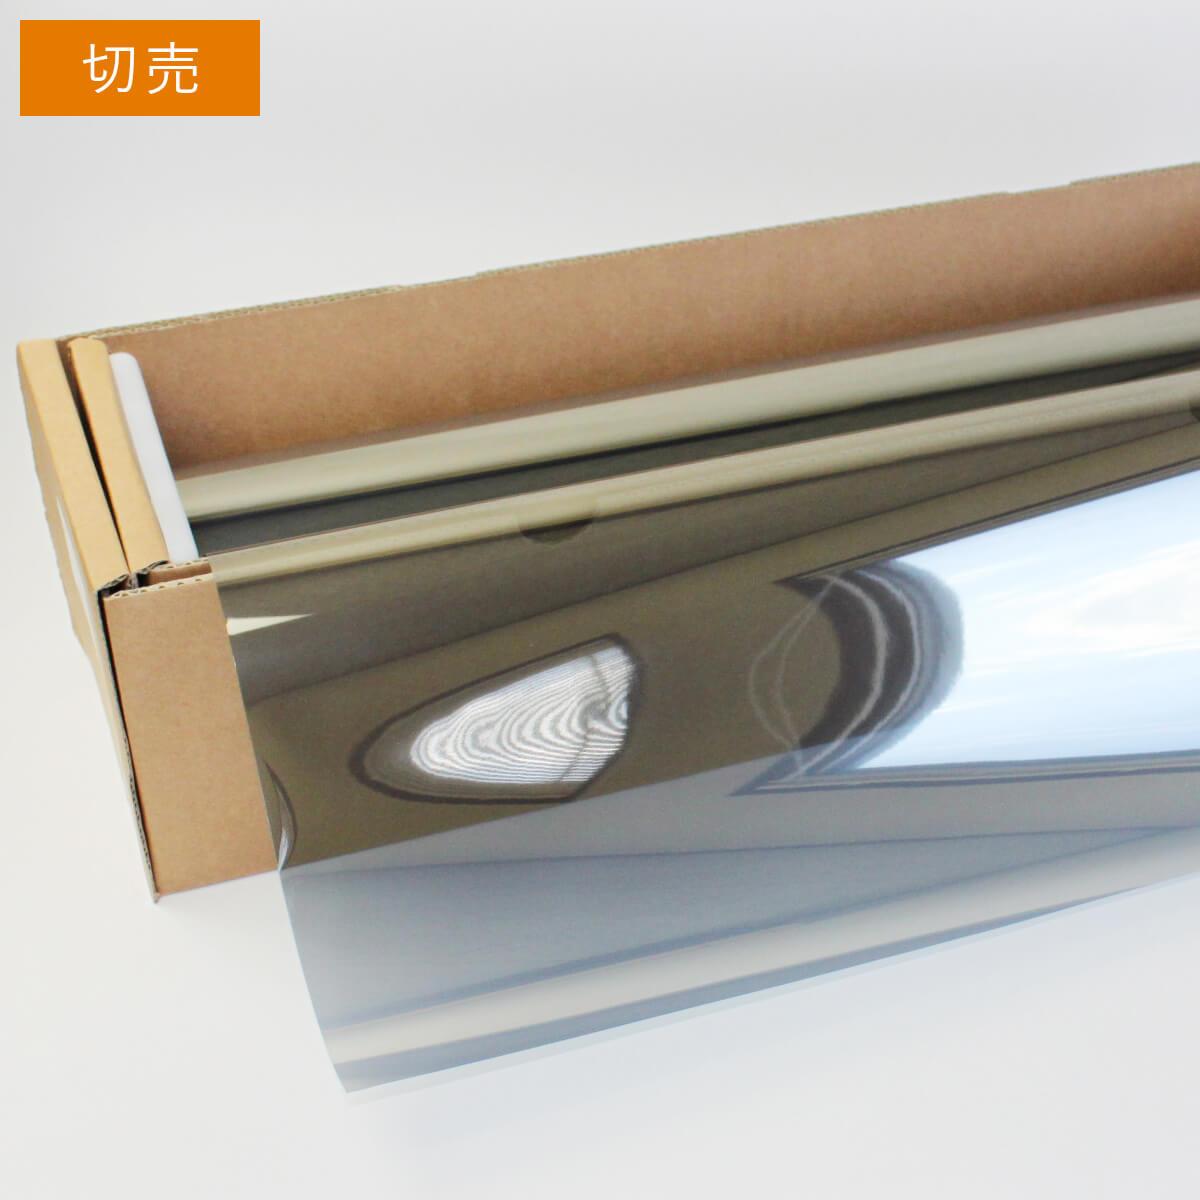 ウィンドウフィルム 窓ガラスフィルムスパッタシルバー35 50cm幅×1m単位切売 マジックミラーフィルム 遮熱フィルム 断熱フィルム UVカットフィルム ブレインテック Braintec